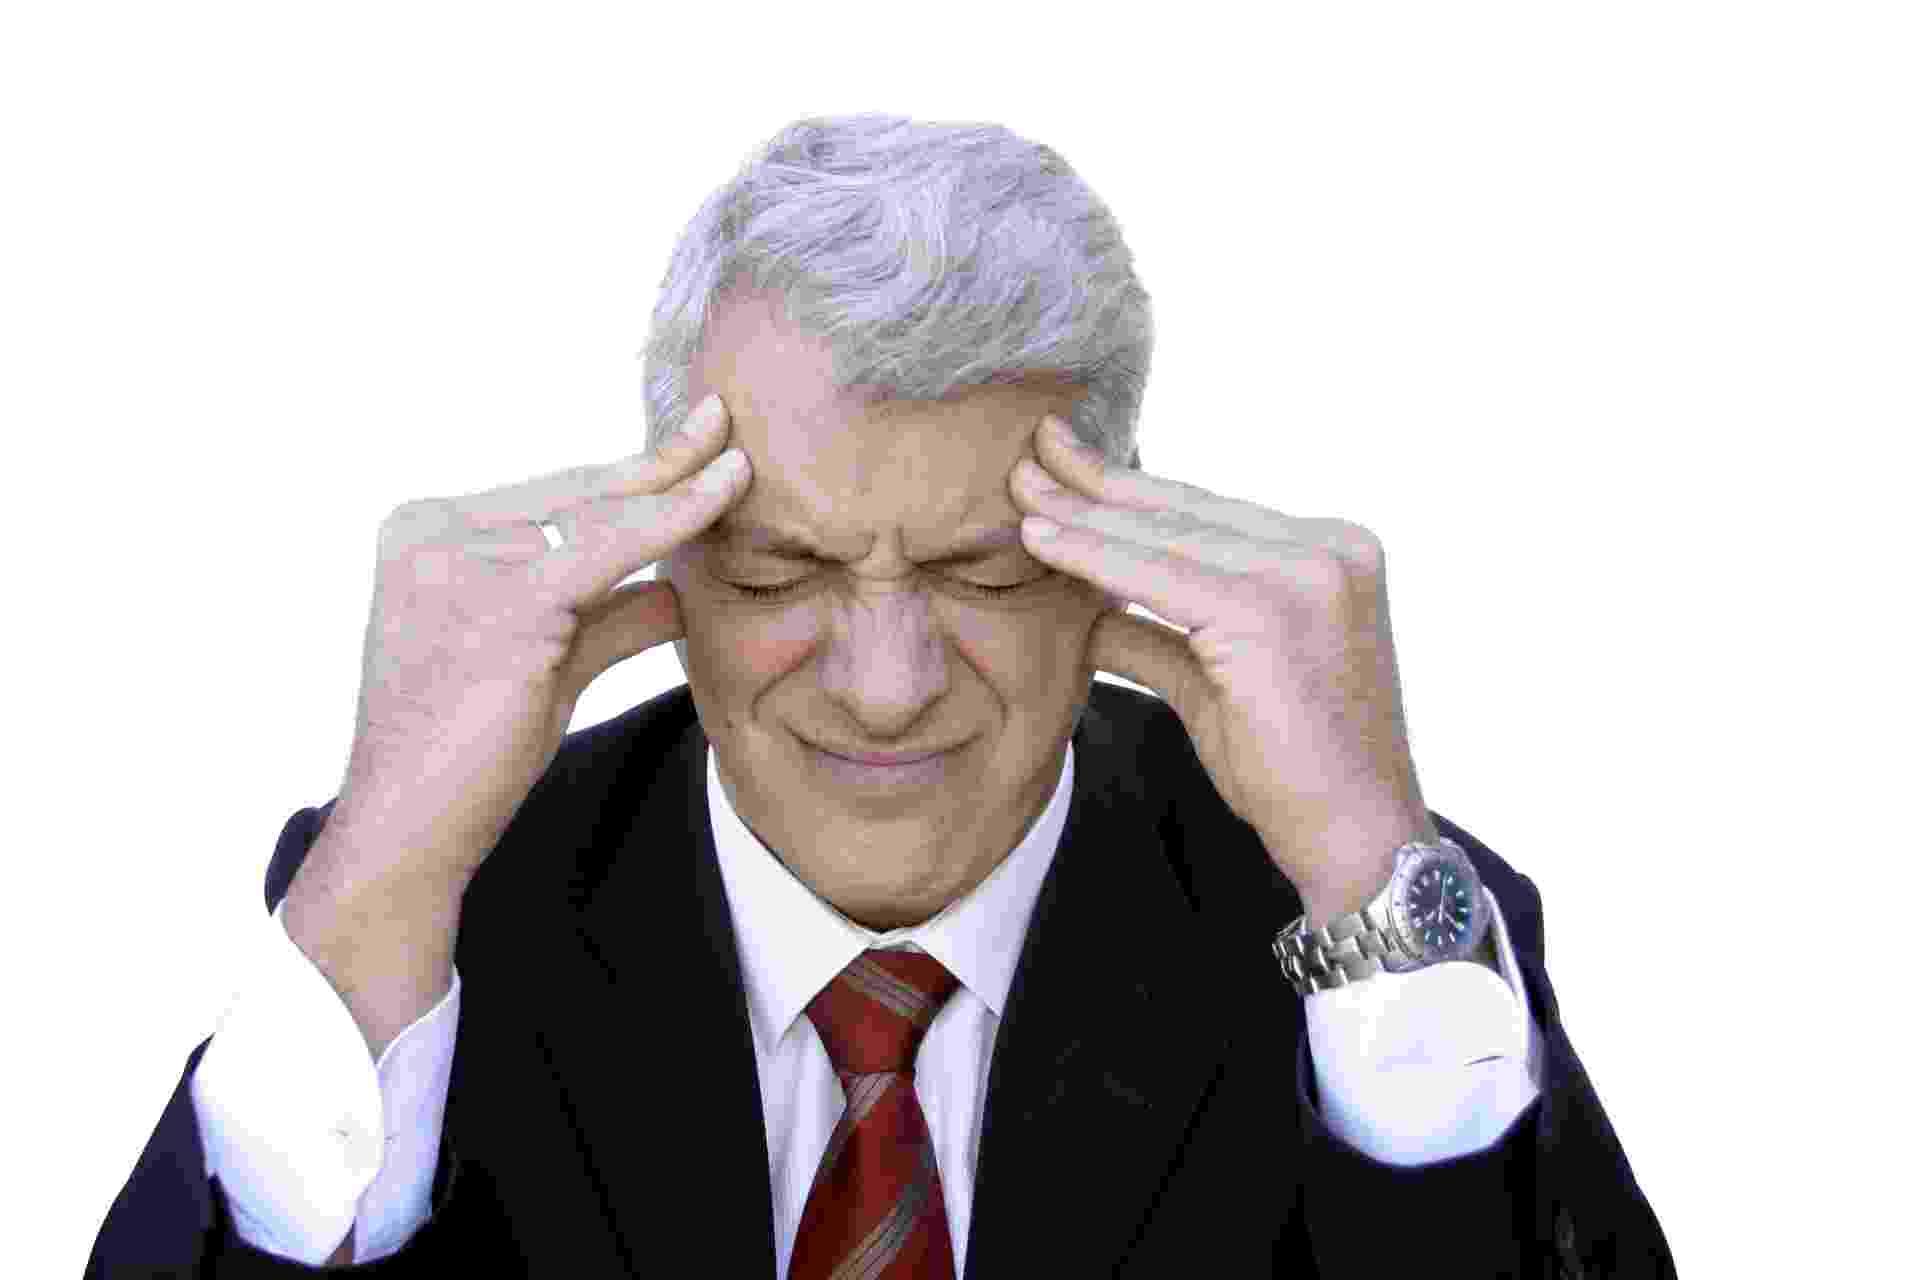 homem, meia idade, dor de cabeça, avc, dor - Thinsktock